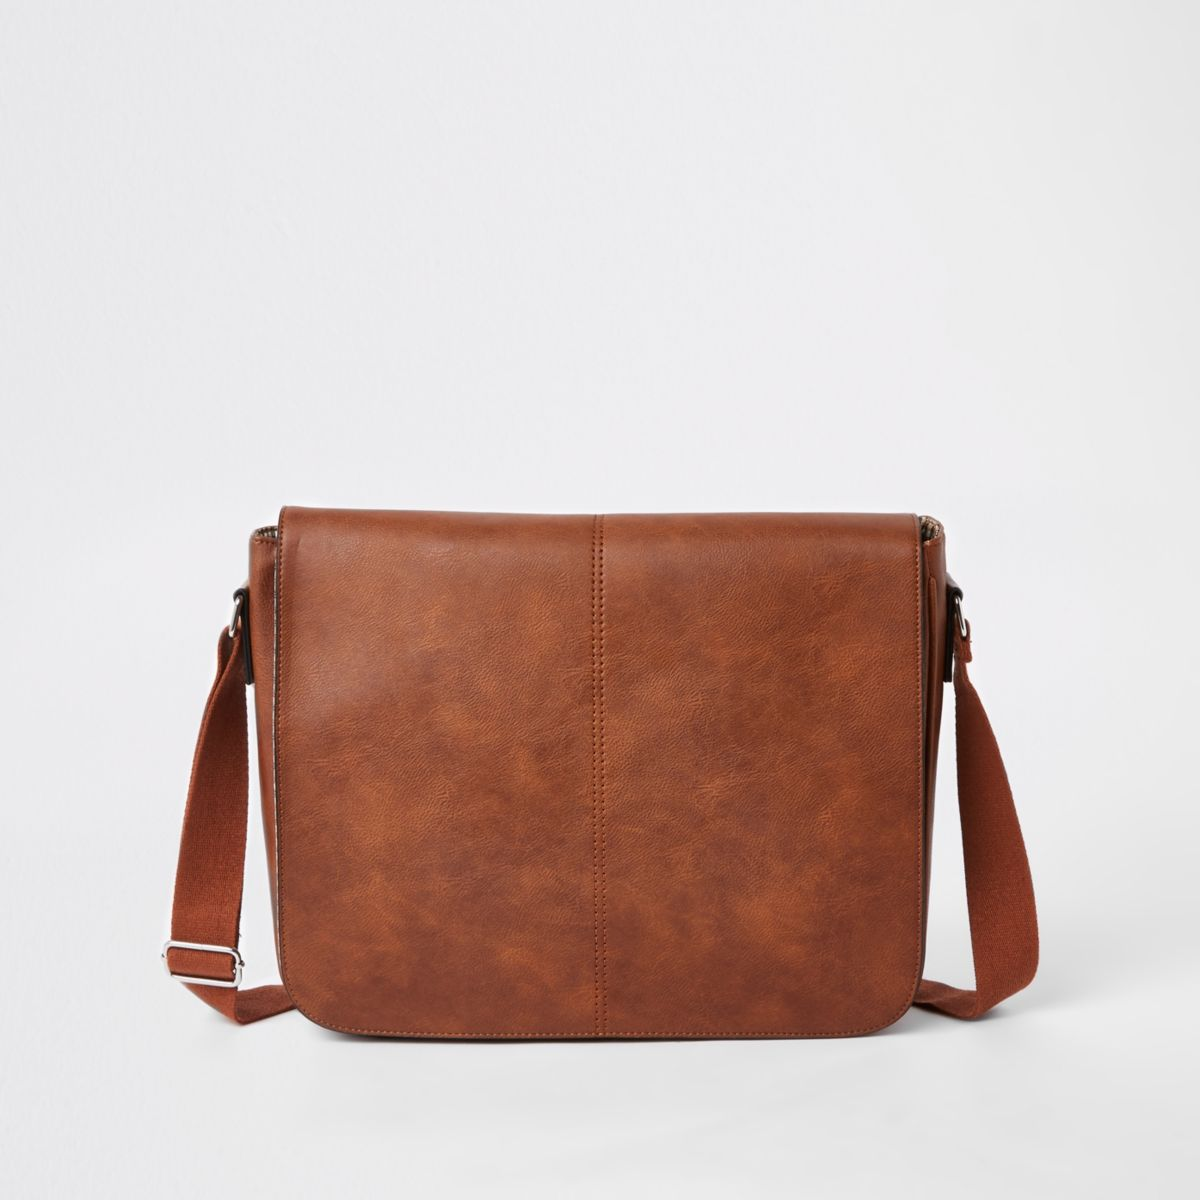 Brown flapover satchel bag